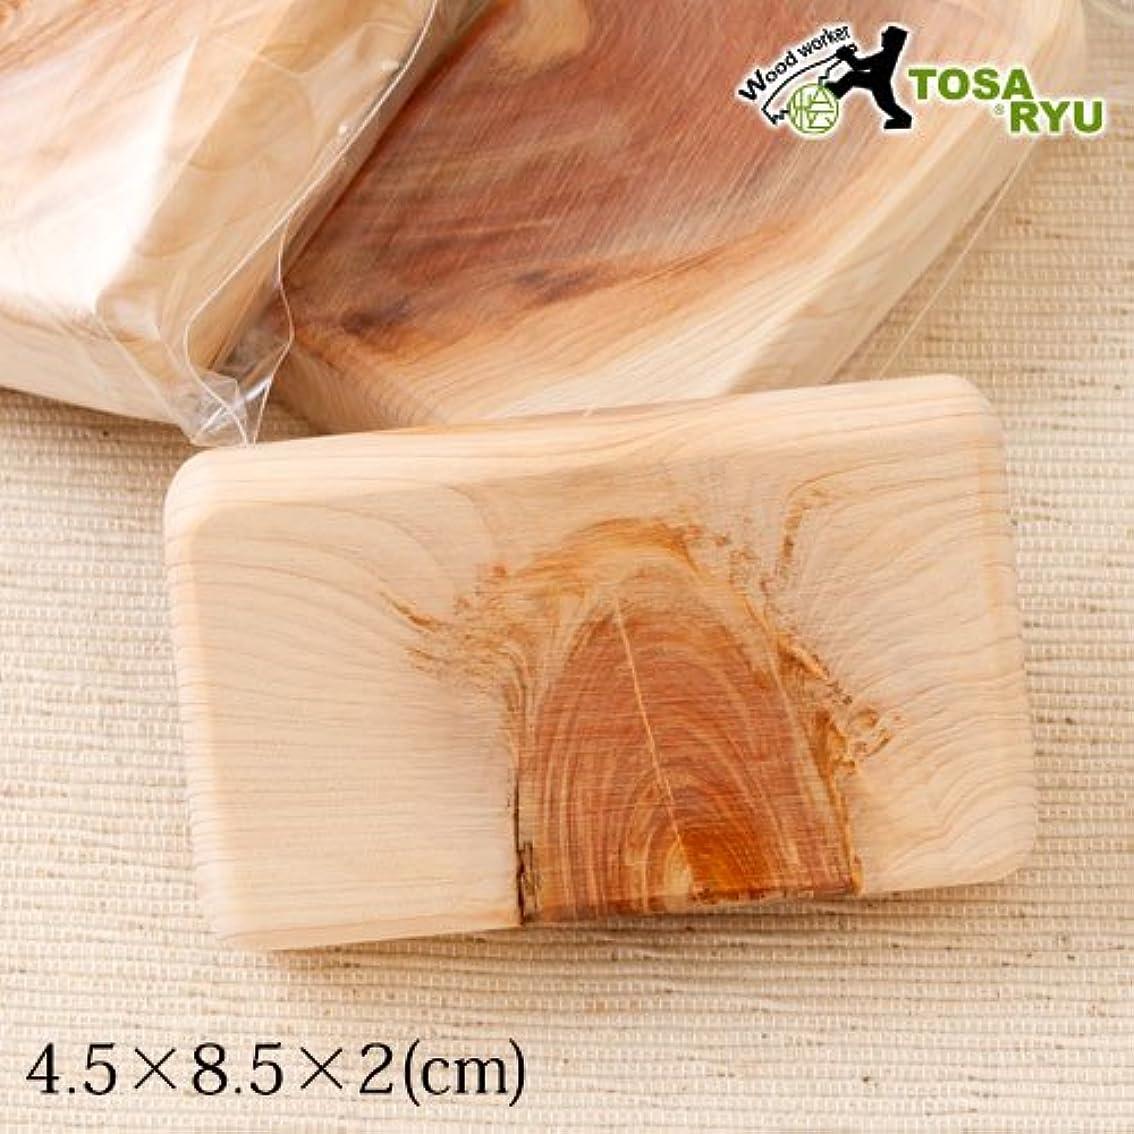 誘惑する免疫するかご土佐龍アロマブロック(1個)高知県の工芸品Aroma massager of cypress, Kochi craft